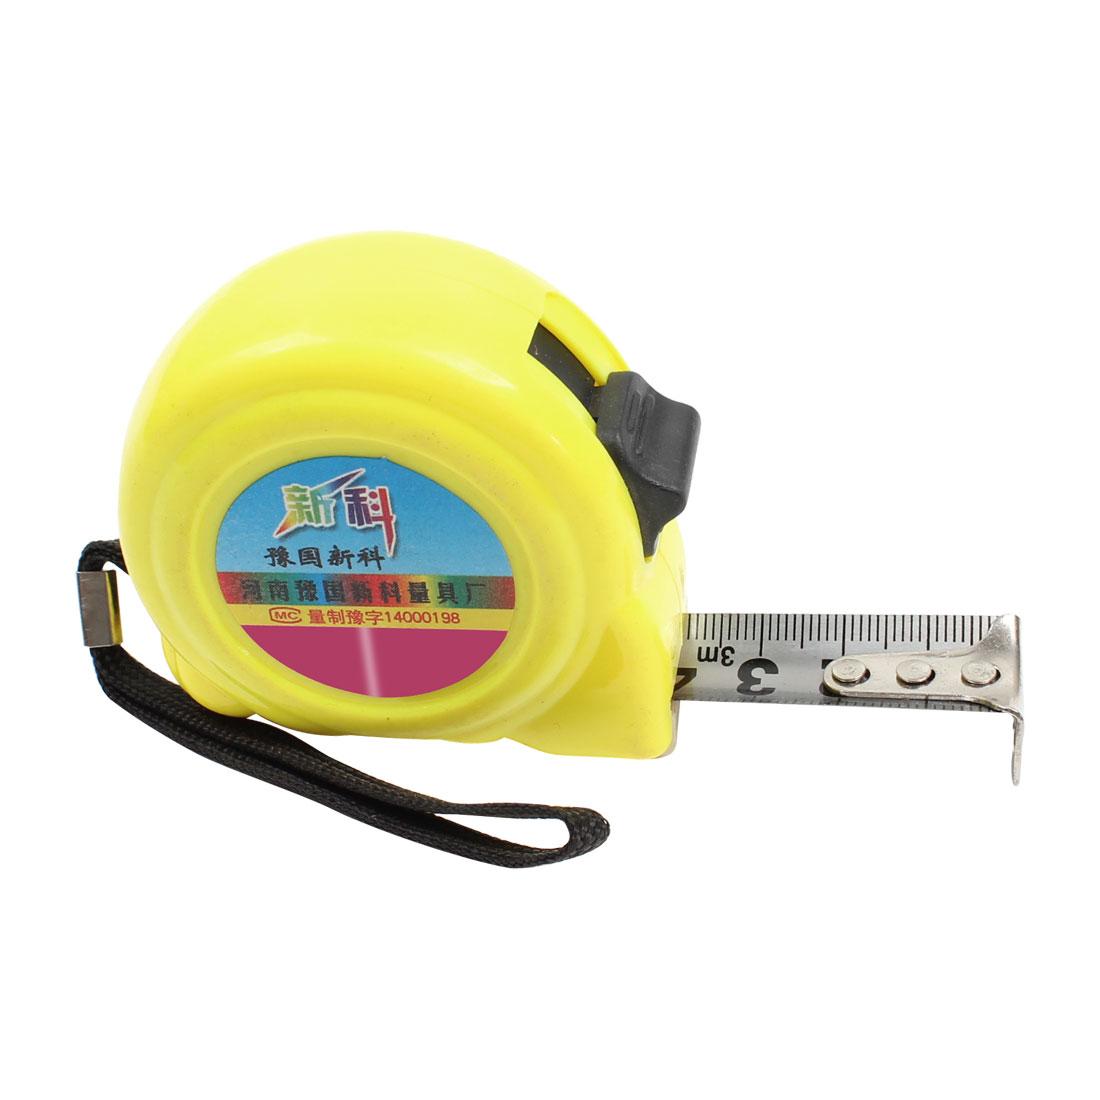 3 Meter Long Yellow Plastic Case Metal Retractable Ruler Tape Measure Tool